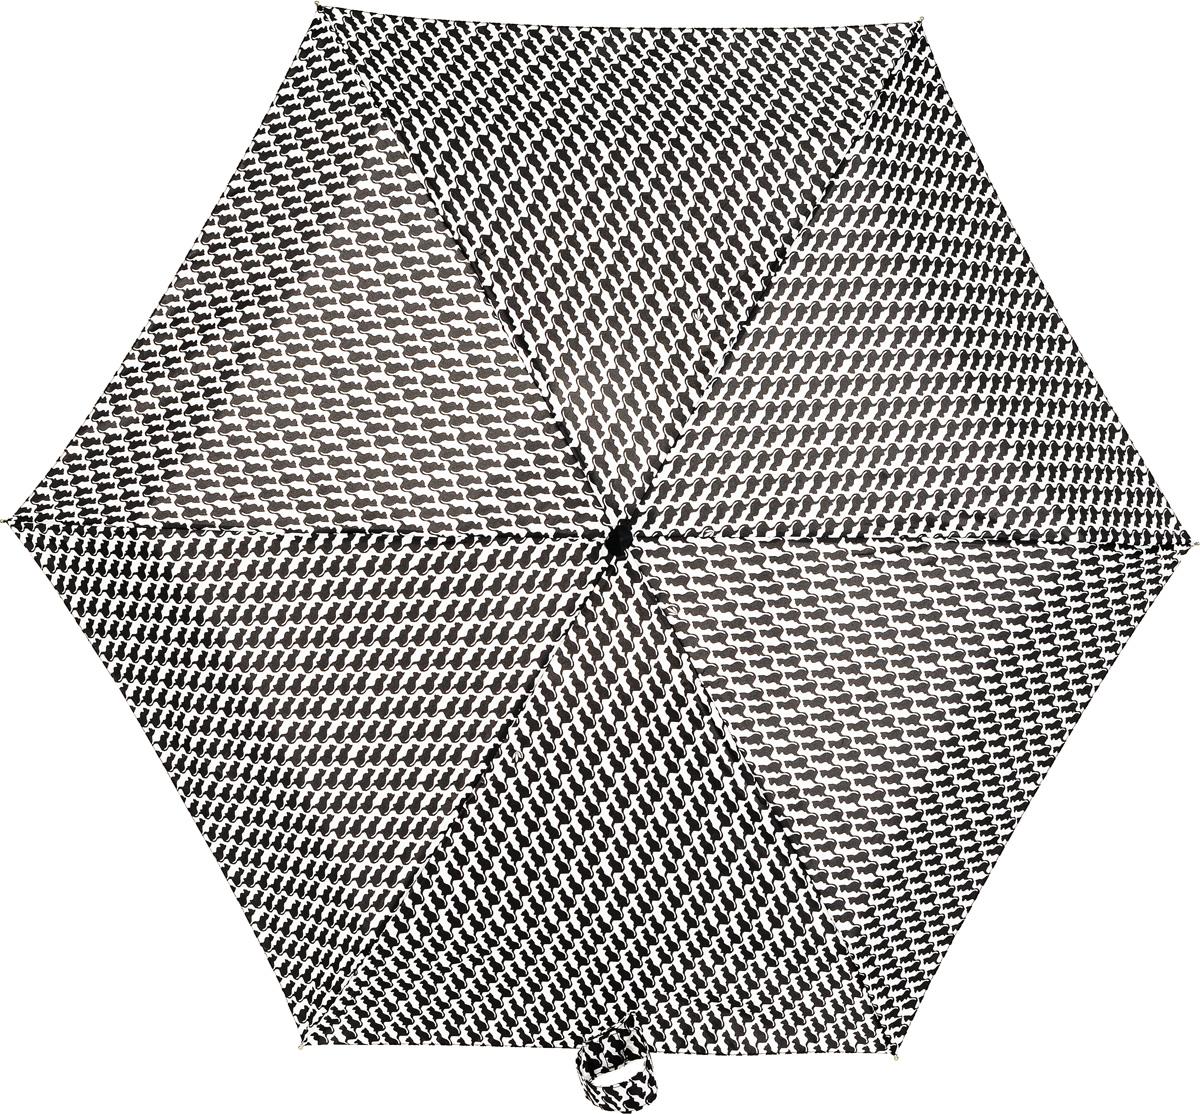 Зонт женский Fulton, механический, 5 сложений, цвет: черный, белый. L501-3020П250071001-22Компактный женский зонт Fulton выполнен из металла, пластика.Каркас зонта выполнен из шести спиц на прочном стержне. Купол зонта изготовлен из прочного полиэстера. Закрытый купол застегивается на липучку с хлястиком. Практичная рукоятка закругленной формы разработана с учетом требований эргономики и выполнена из натурального каучука.Зонт складывается и раскладывается механическим способом.Такой зонт не только надежно защитит от дождя, но и станет стильным аксессуаром.